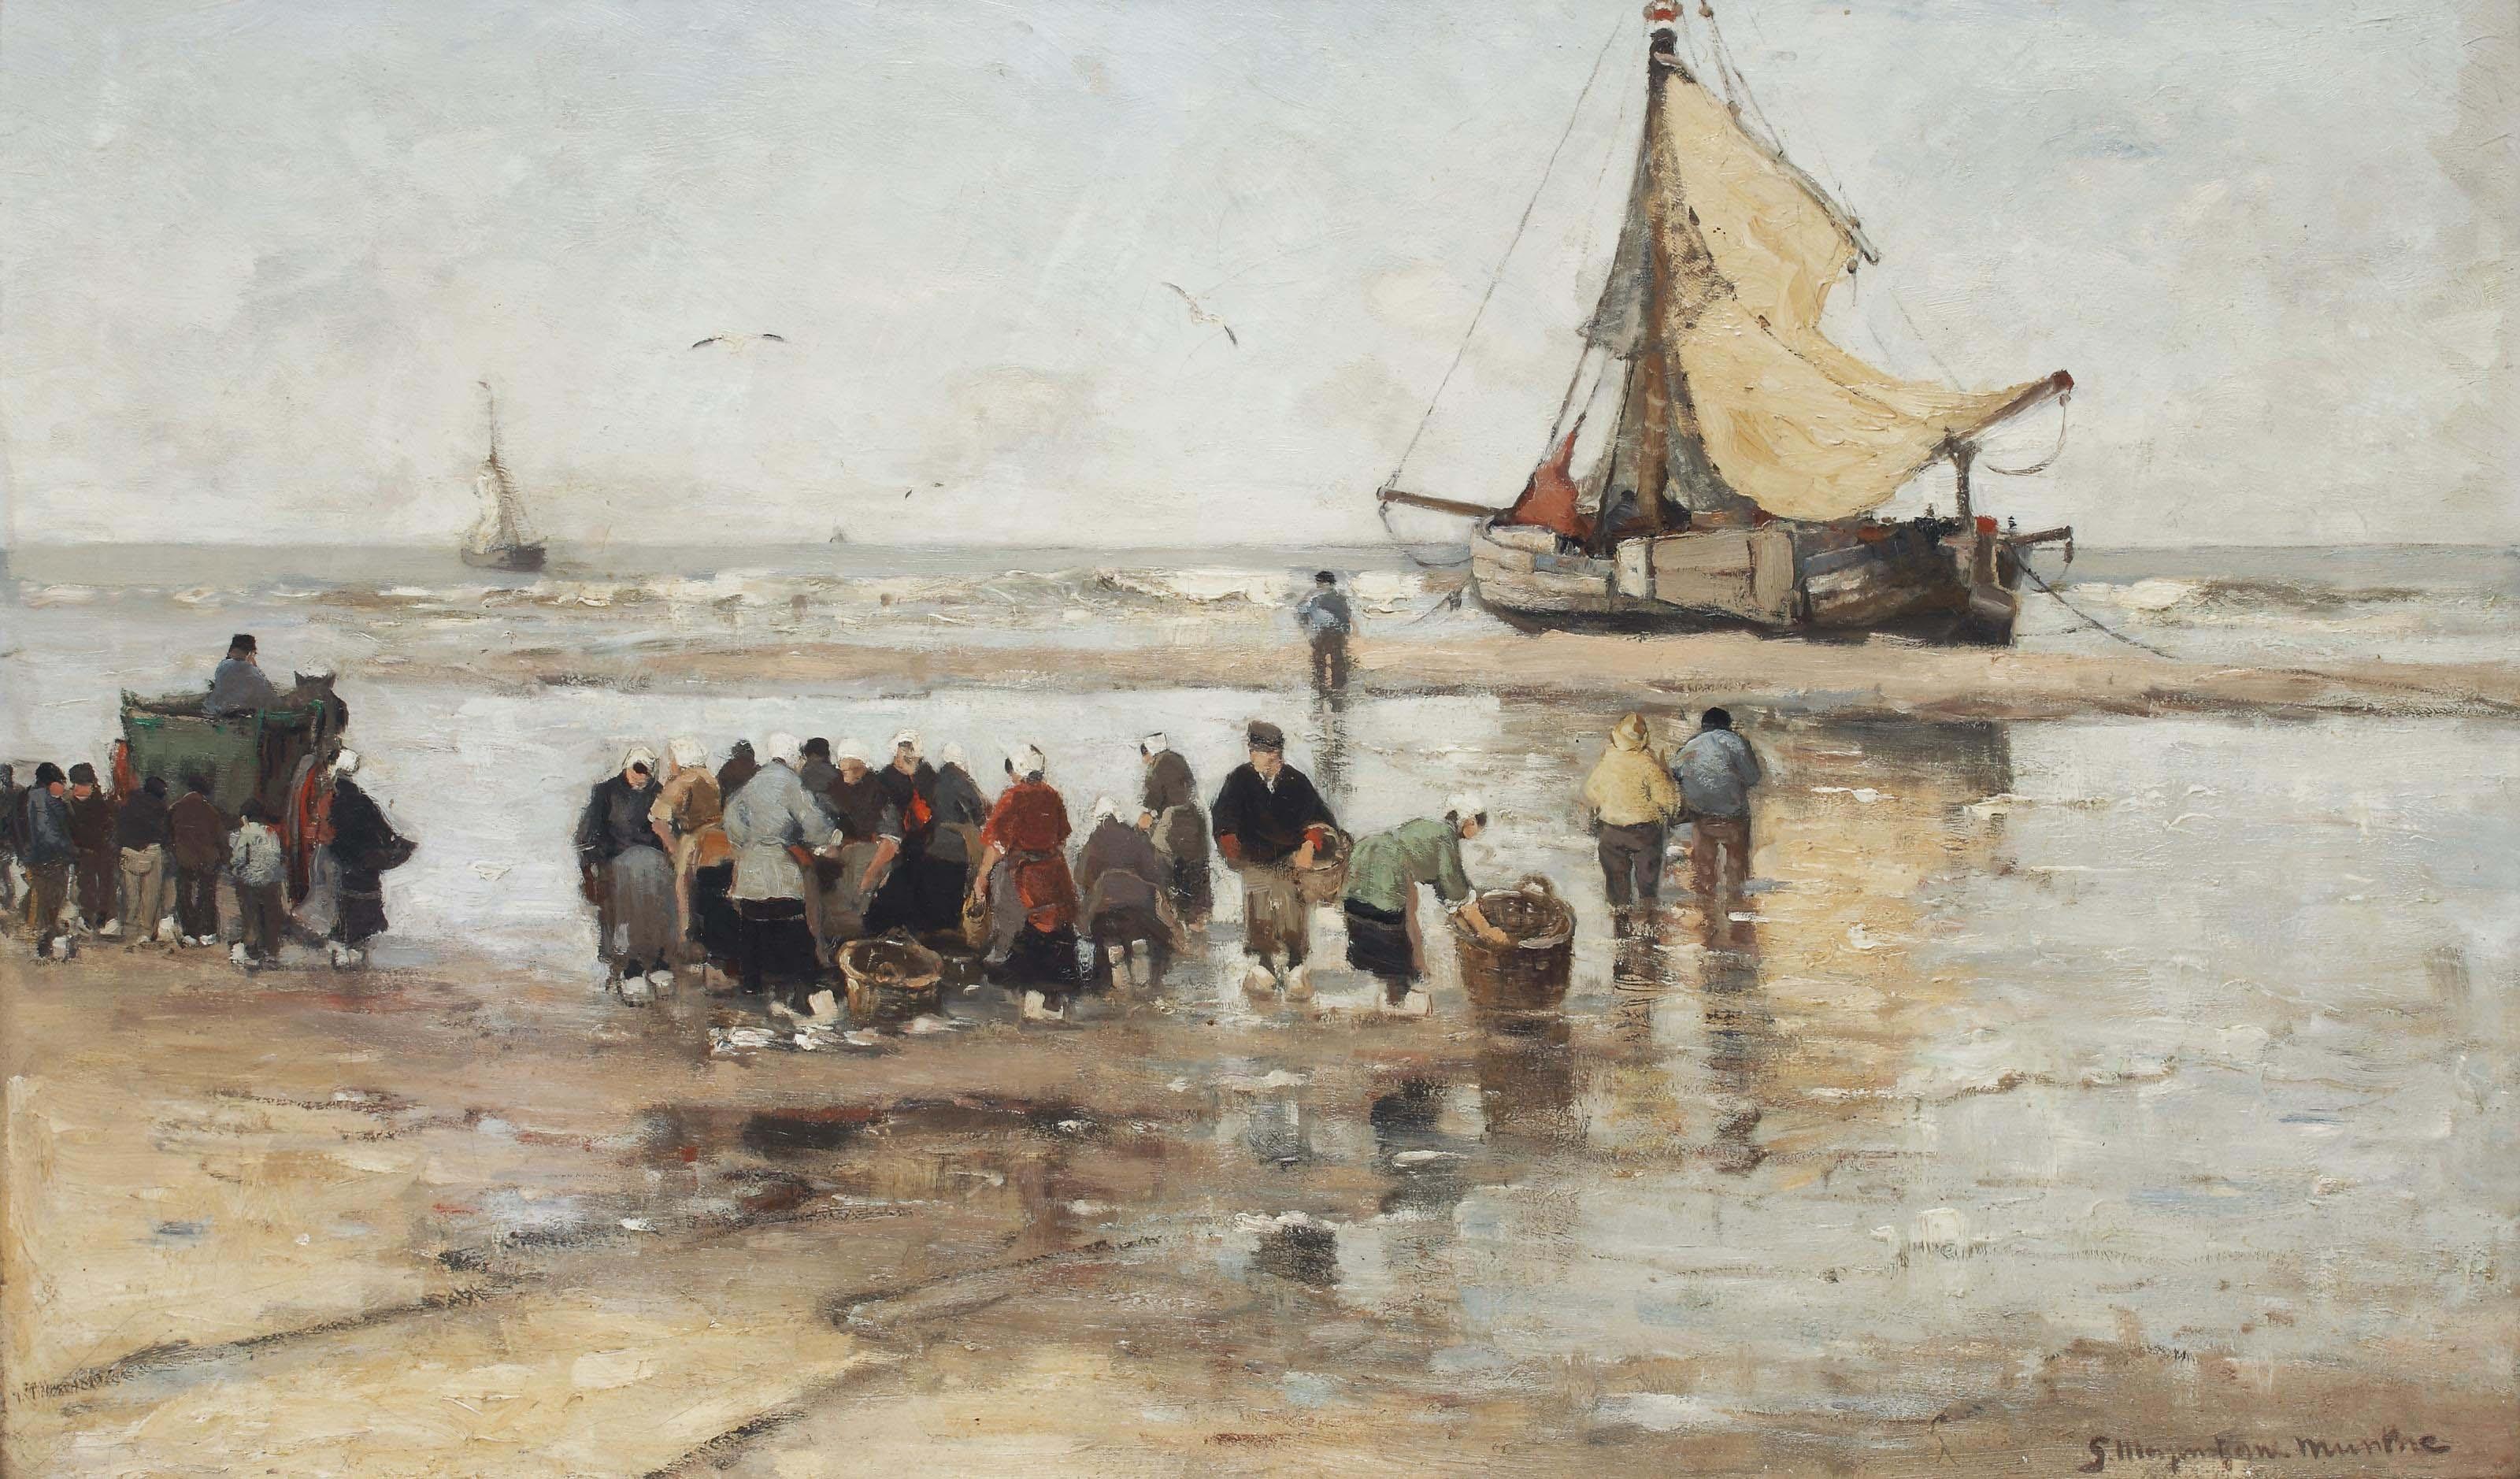 Gerhard Arij Ludwig Morgenstjerne Munthe (Düsseldorf 1875-1927 Leiden)